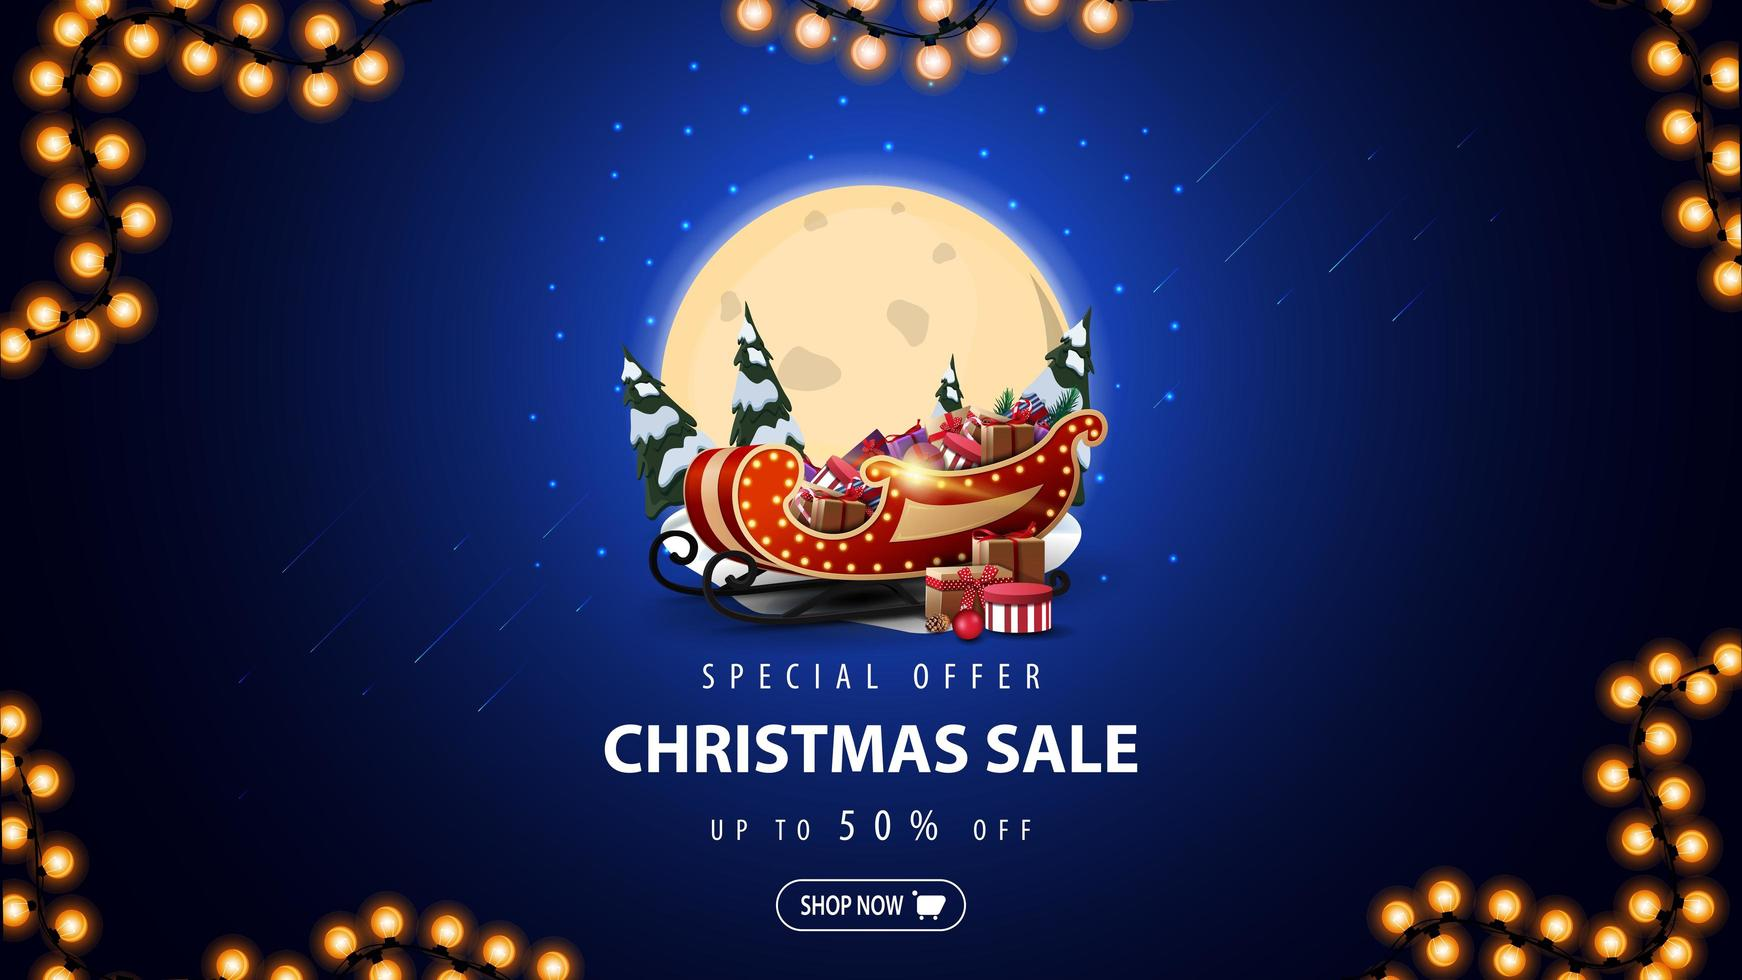 Sonderangebot, Weihnachtsverkauf, bis zu 50 Rabatt, blaues Rabattbanner mit großem Vollmond, Schneeverwehungen, Kiefern, Sternenhimmel und Weihnachtsschlitten mit Geschenken vektor